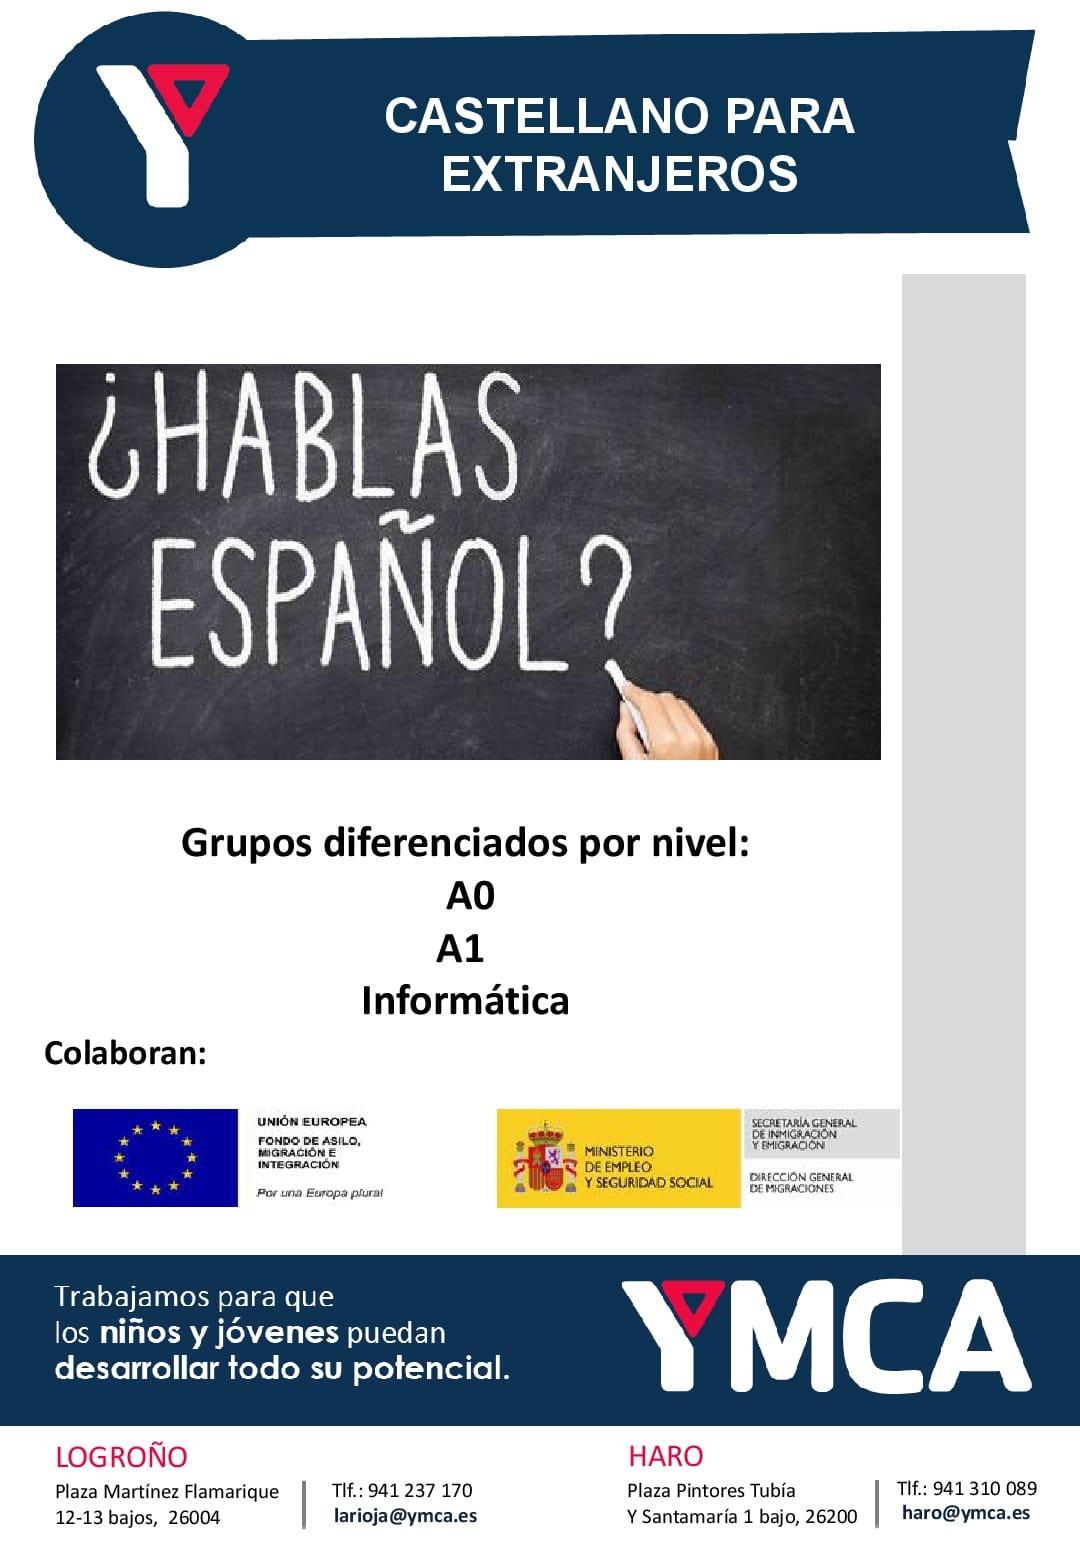 YMCA Haro organiza un curso de español para extranjeros 1